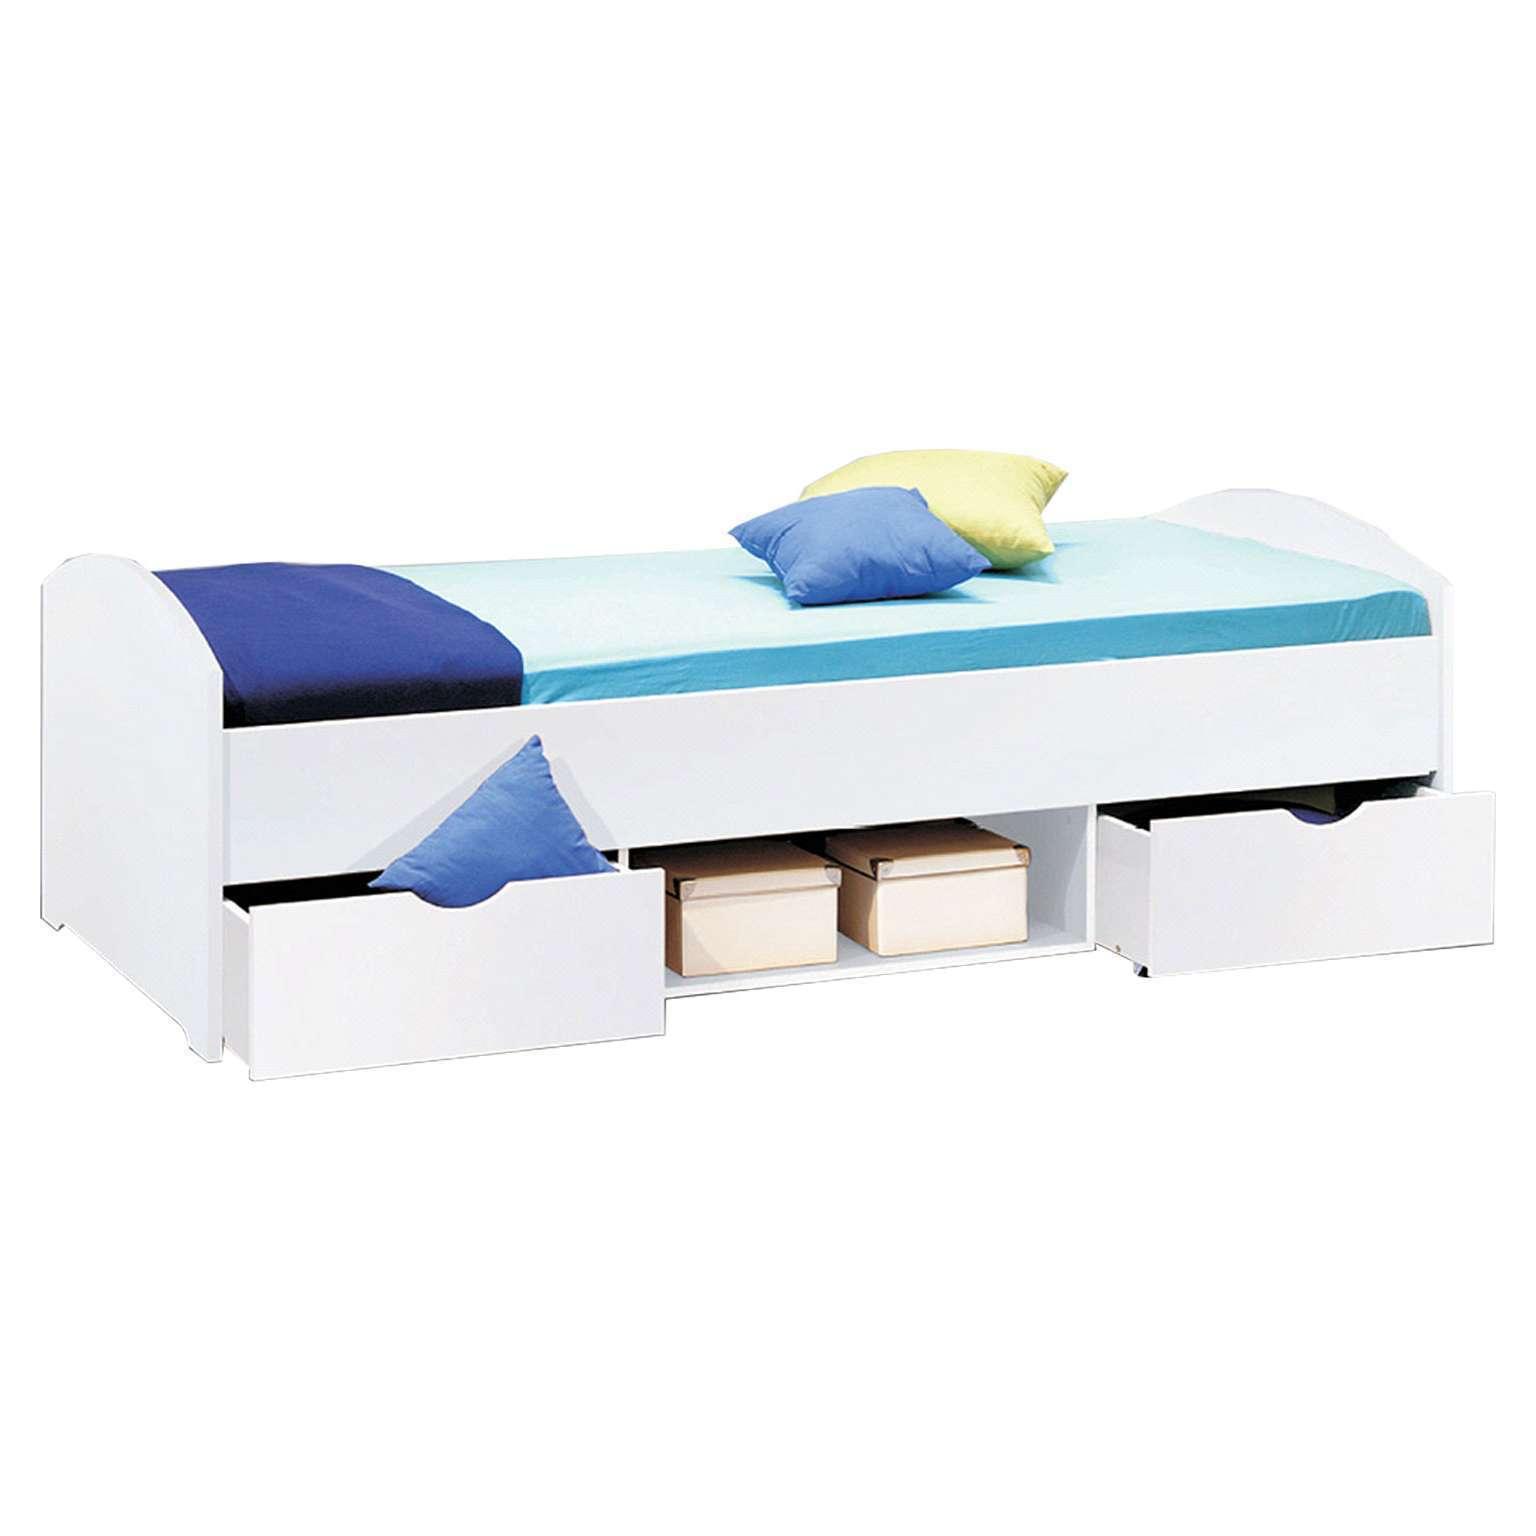 Letti Per Ospiti Salvaspazio nemu - fusto di letto con salvaspazio, per camera da ragazzi